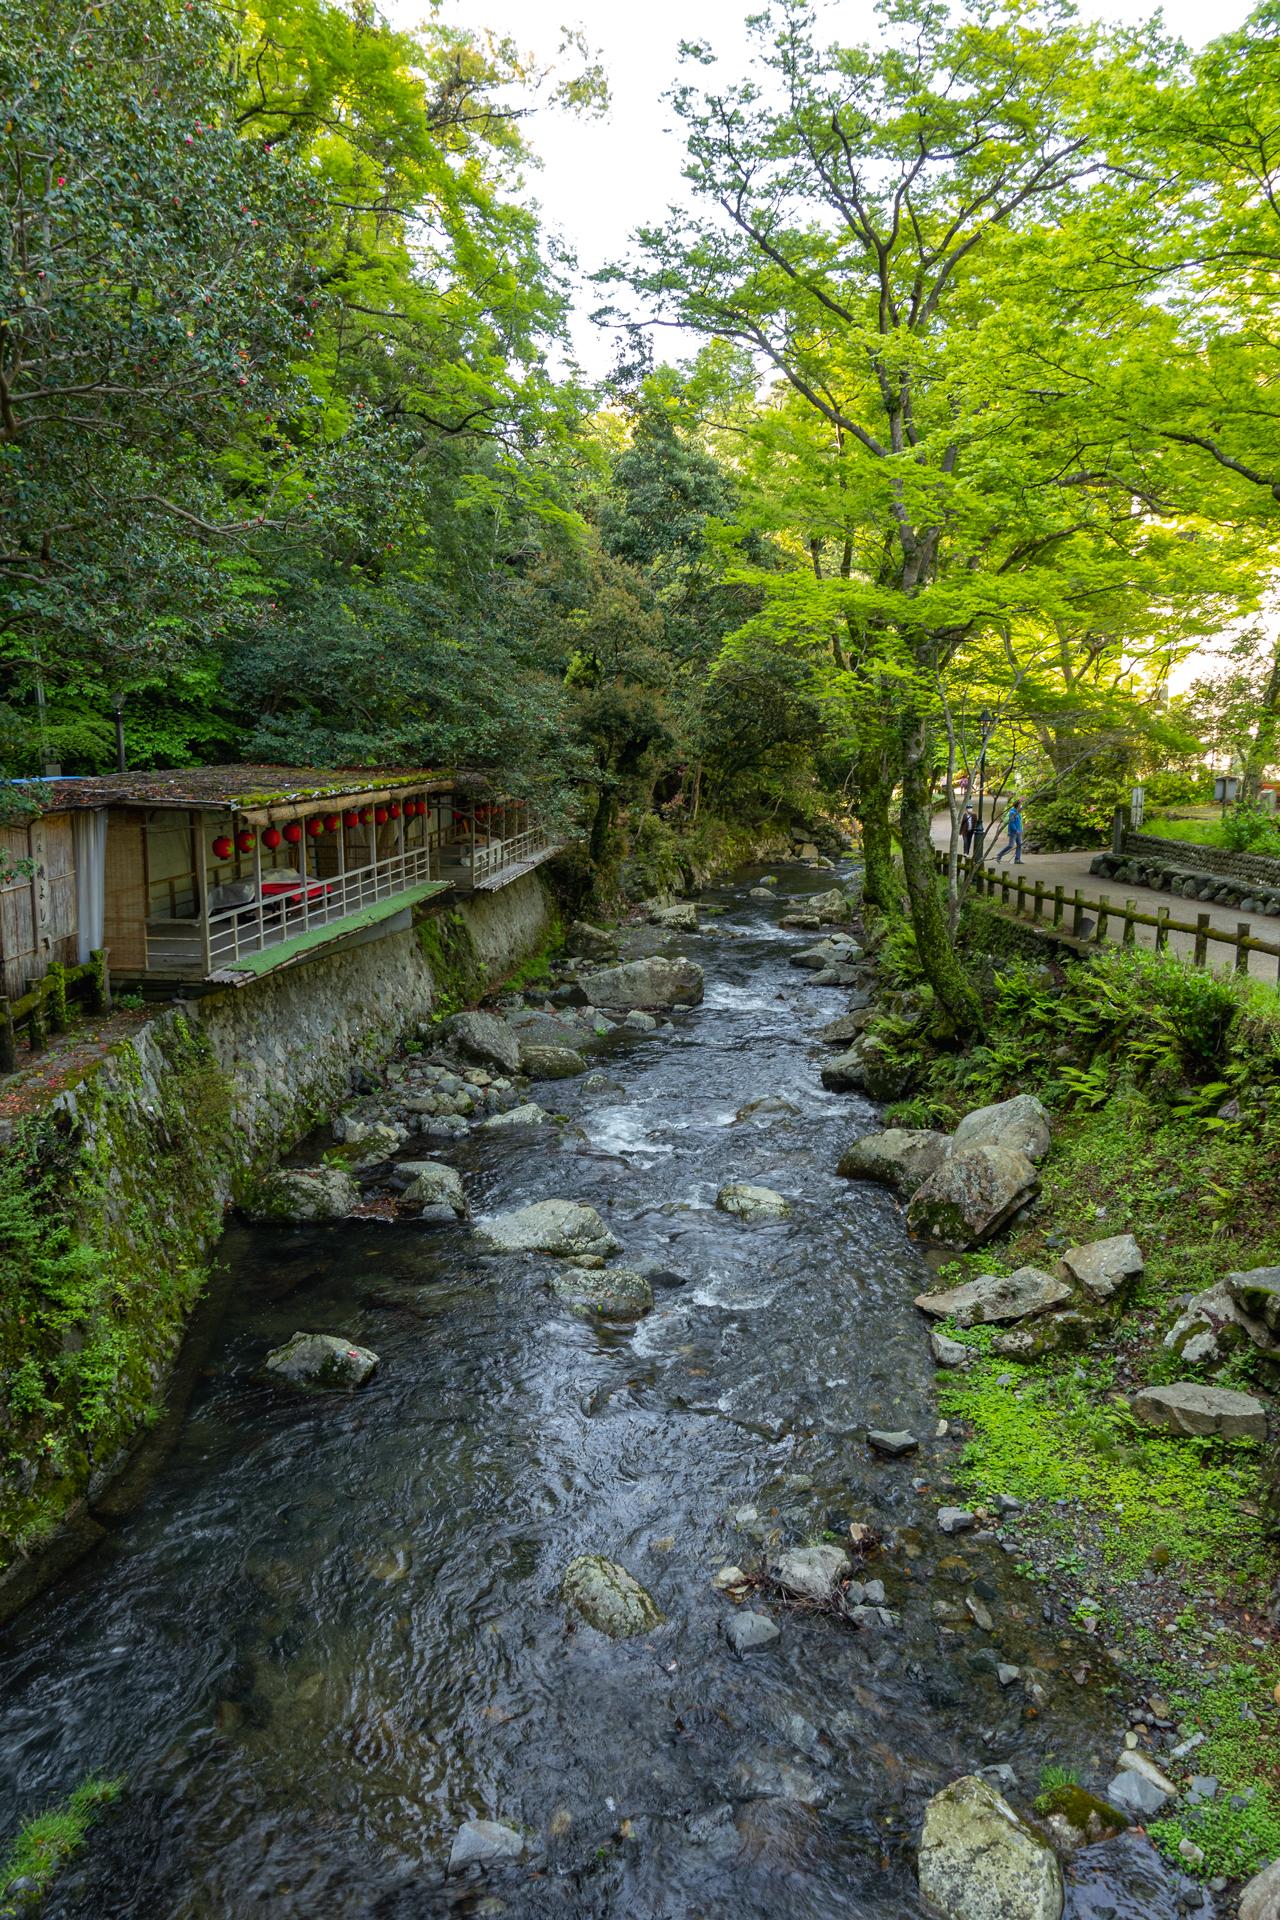 DSC05776 大阪府 箕面大滝(日本の滝百選に選定された新緑に染まる絶景の滝スポット! 写真の紹介、アクセス情報など)